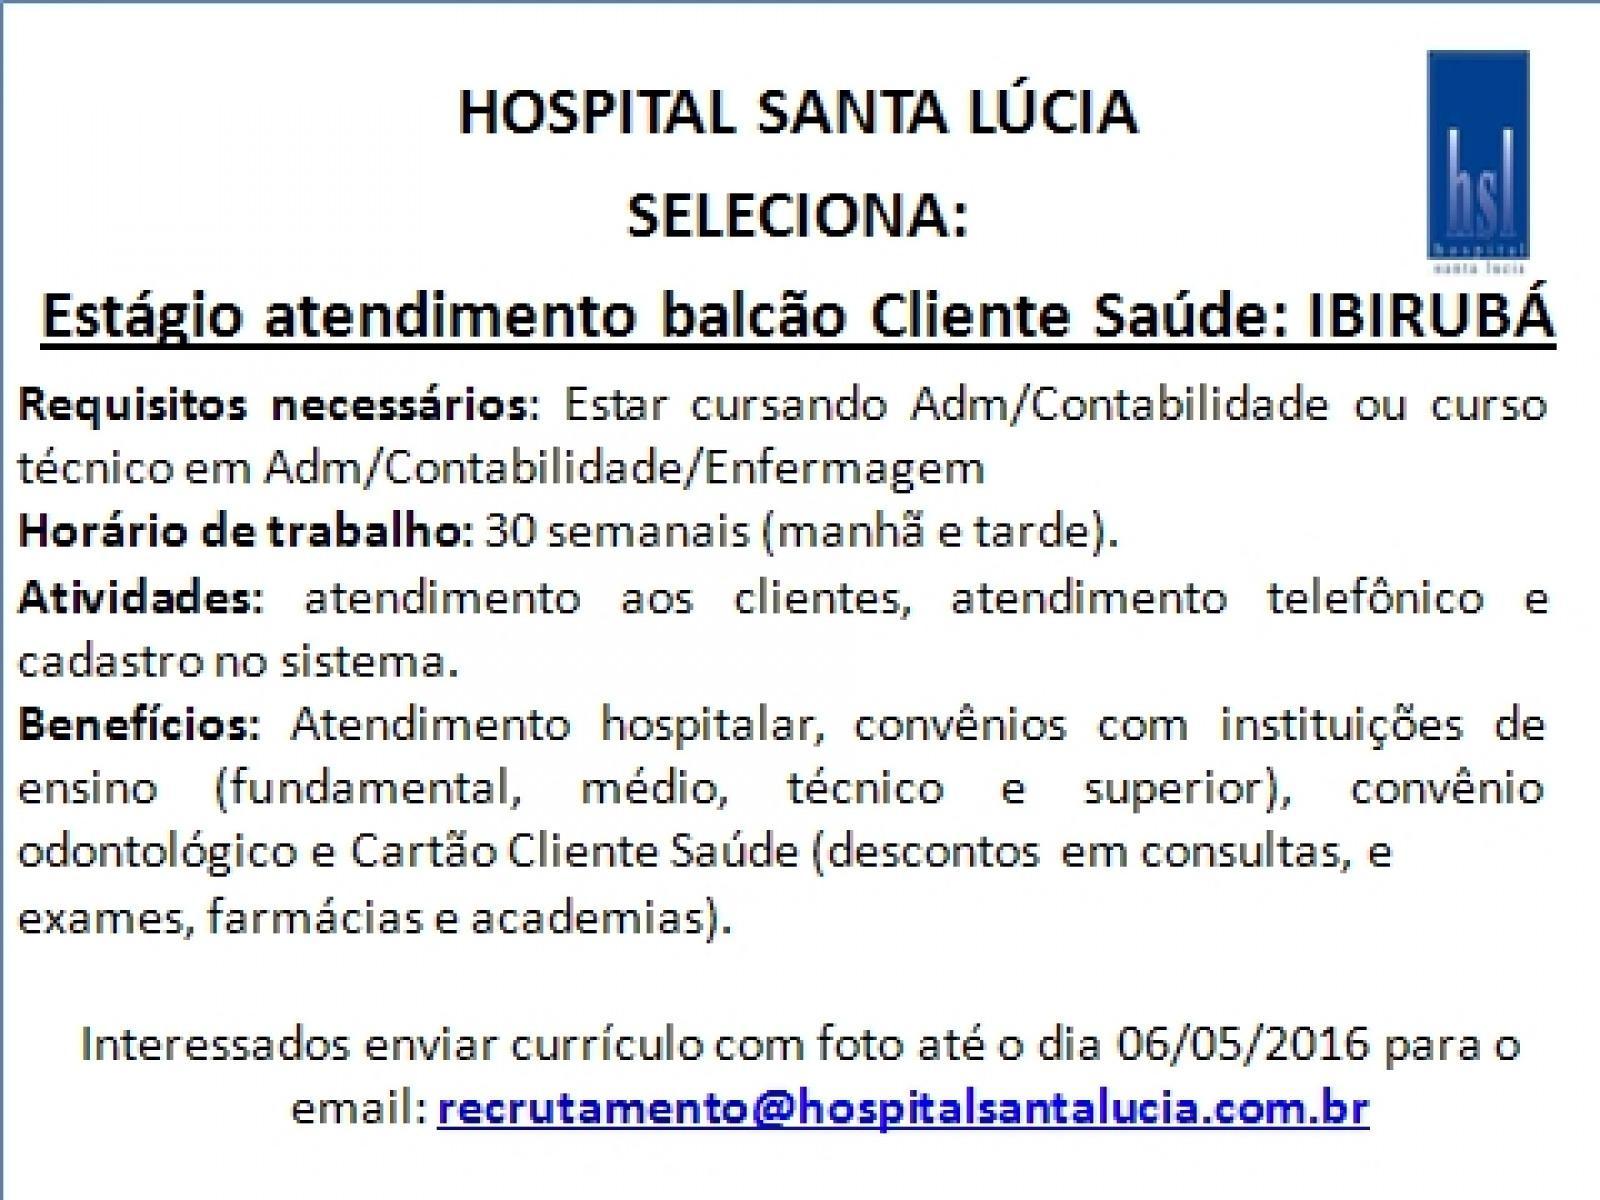 Oportunidade no Balcão de Atendimento do Cliente Saúde de Ibirubá!